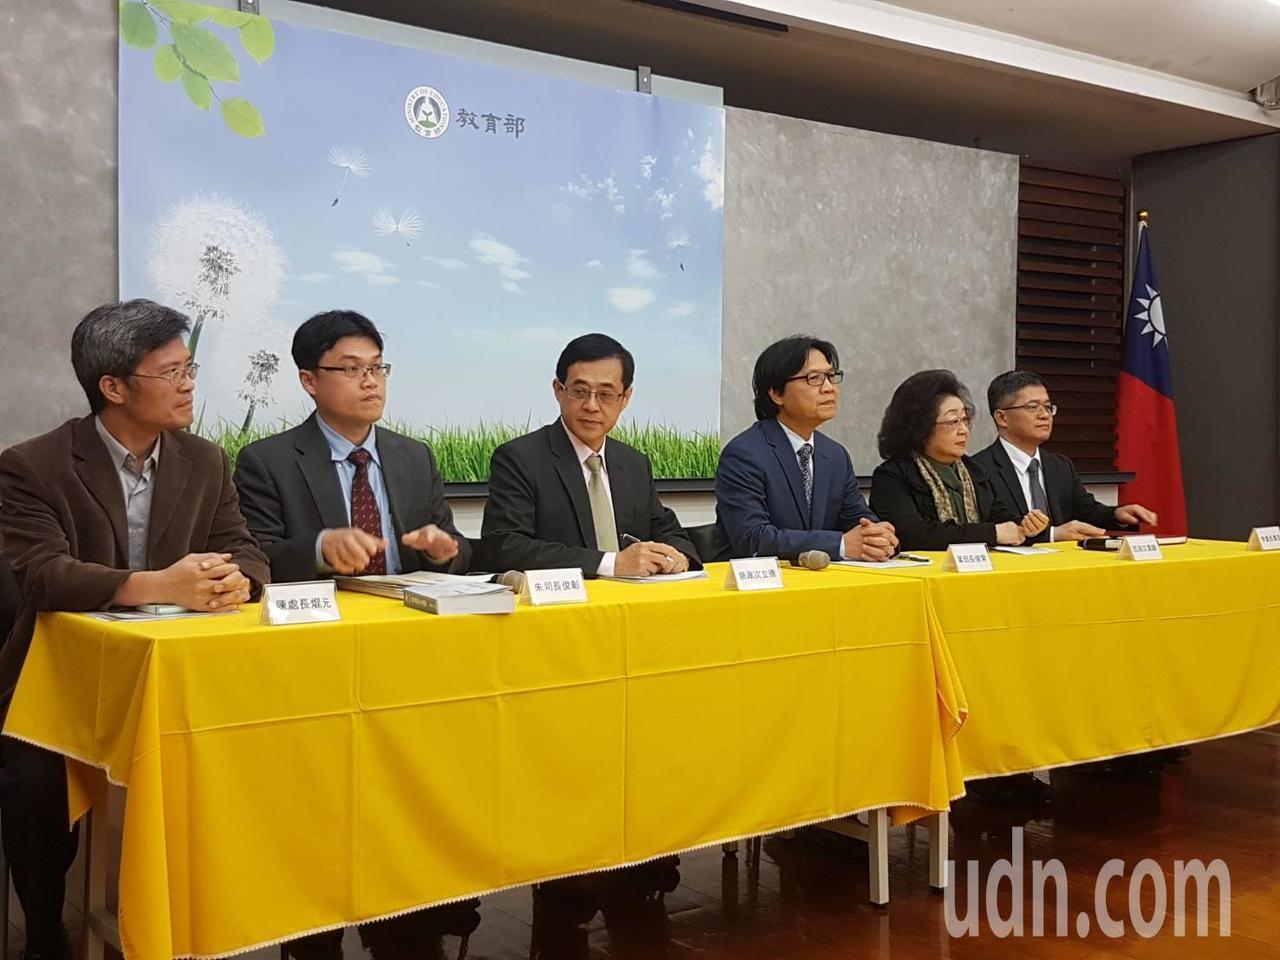 教育部今天臨時召開記者會說明台大校長遴選進度。記者吳佩旻/攝影